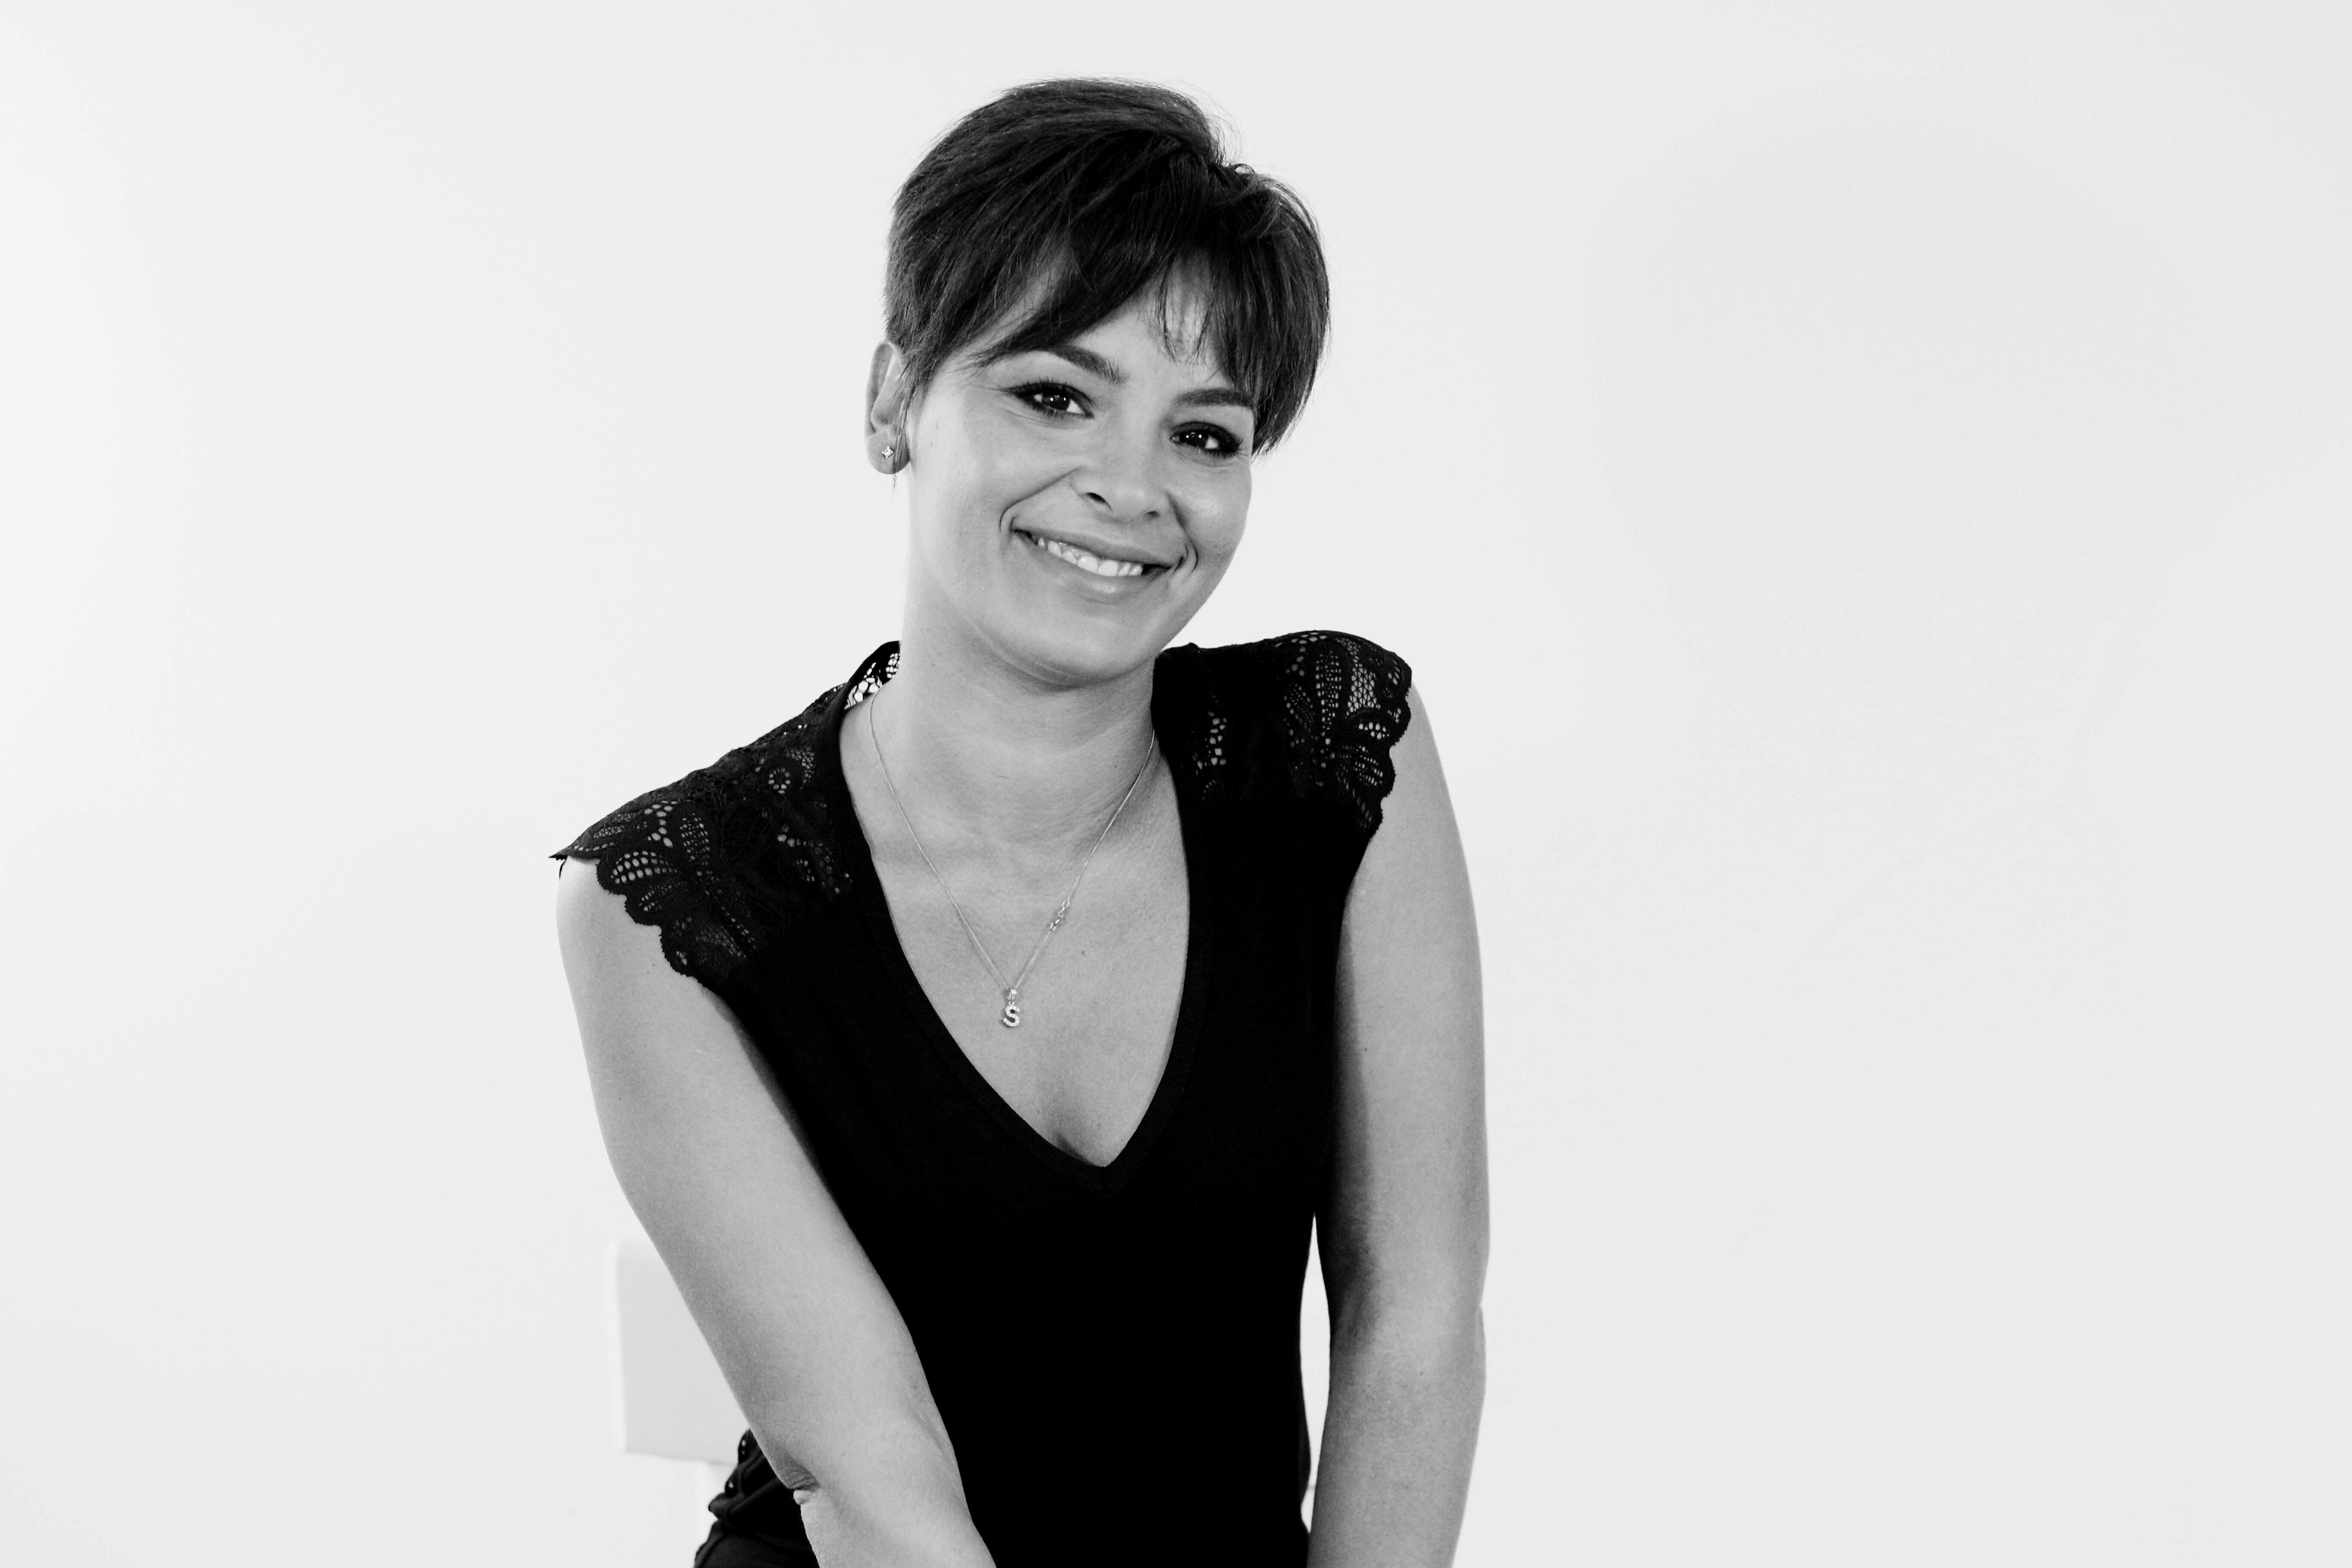 Maria Stefania Di Michele